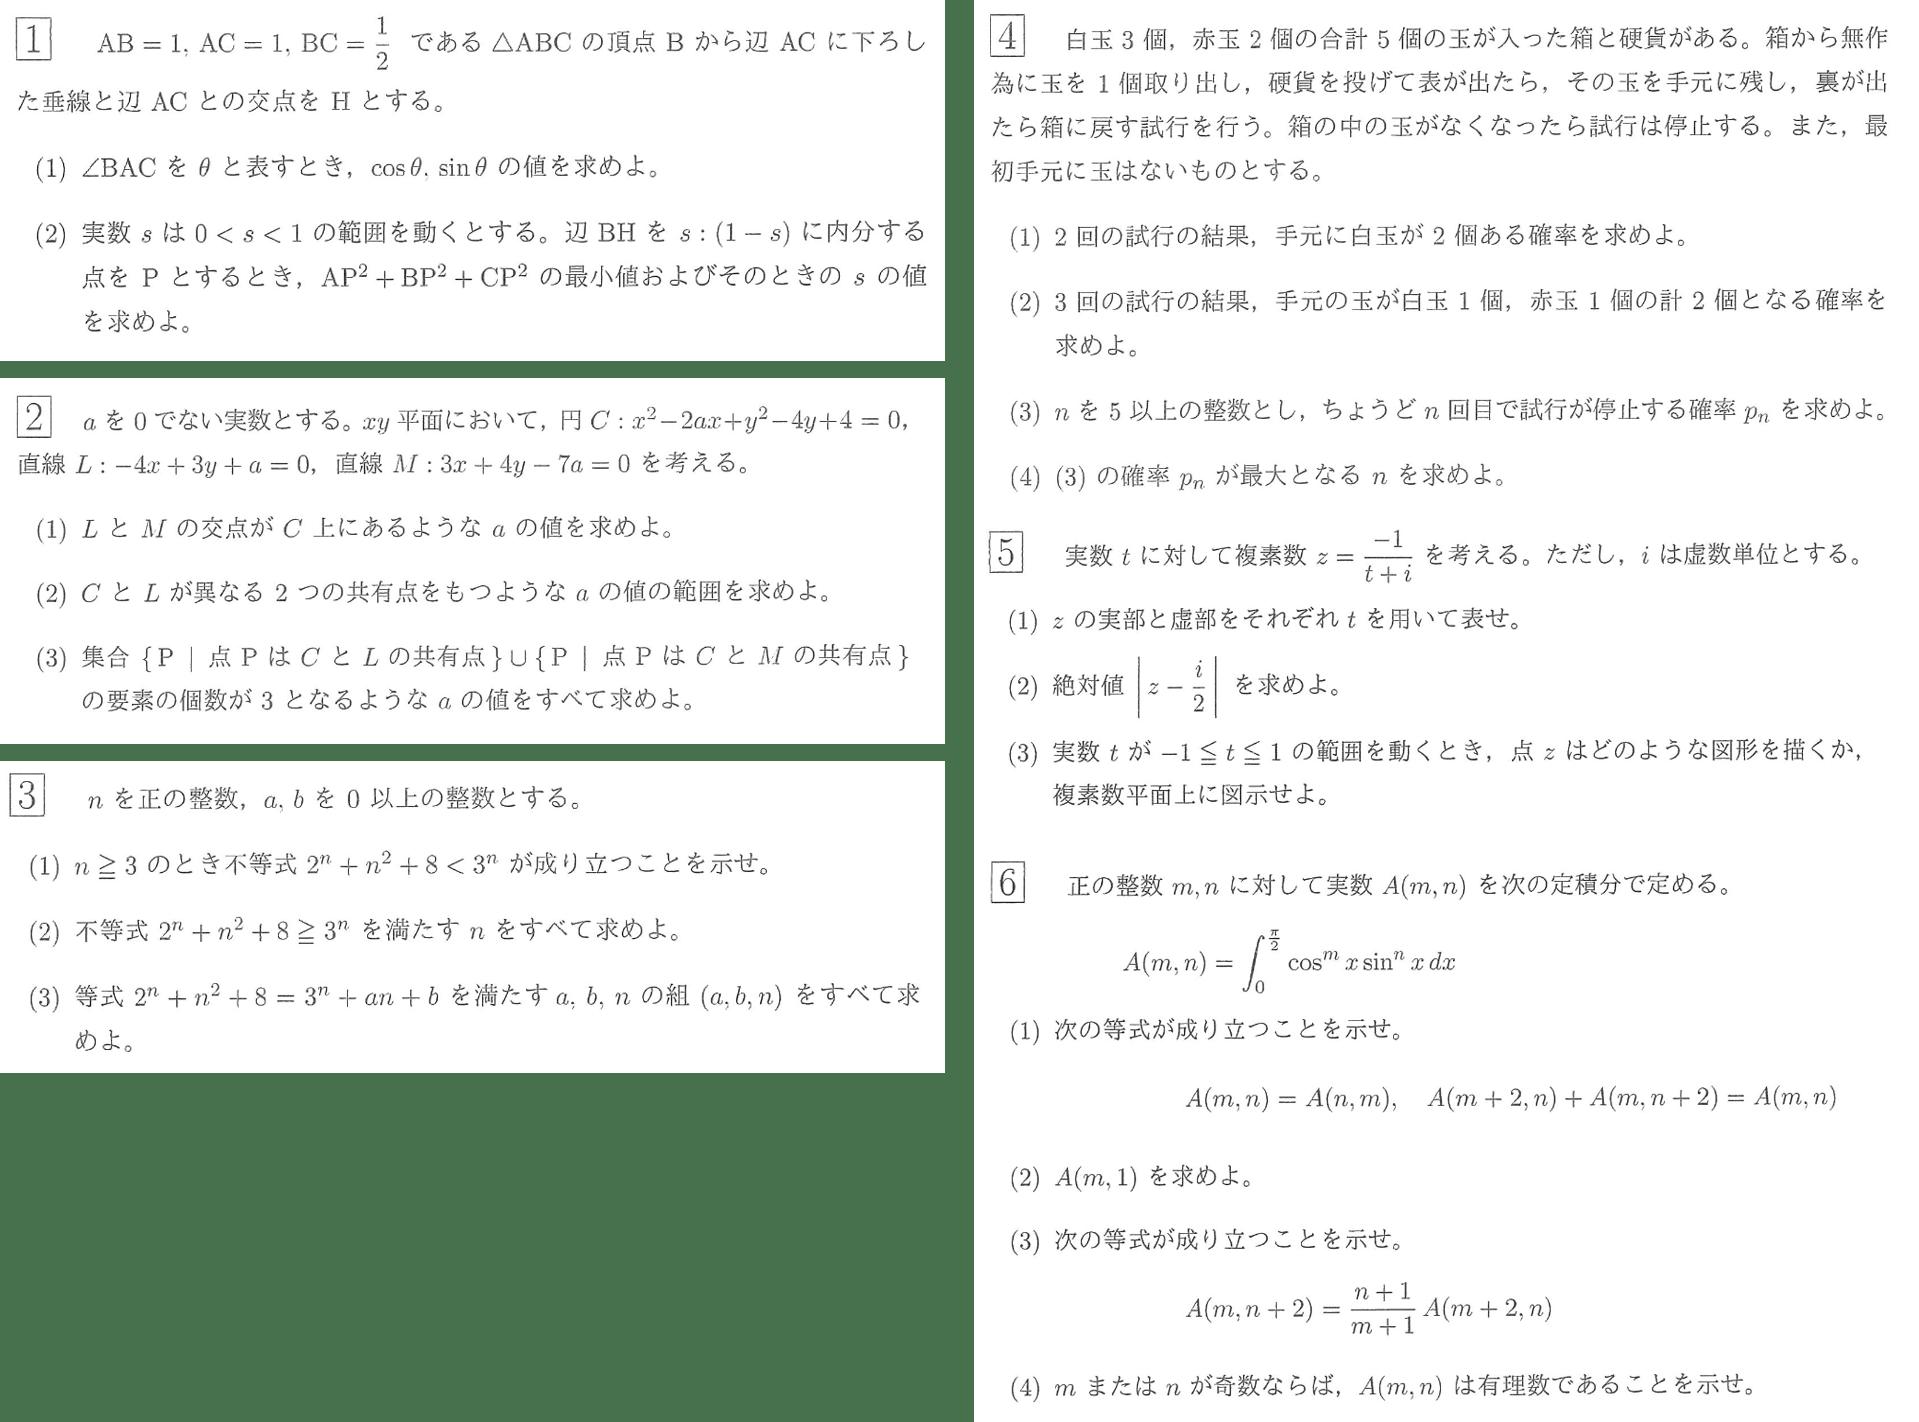 2020年度東北大理系数学試験問題1